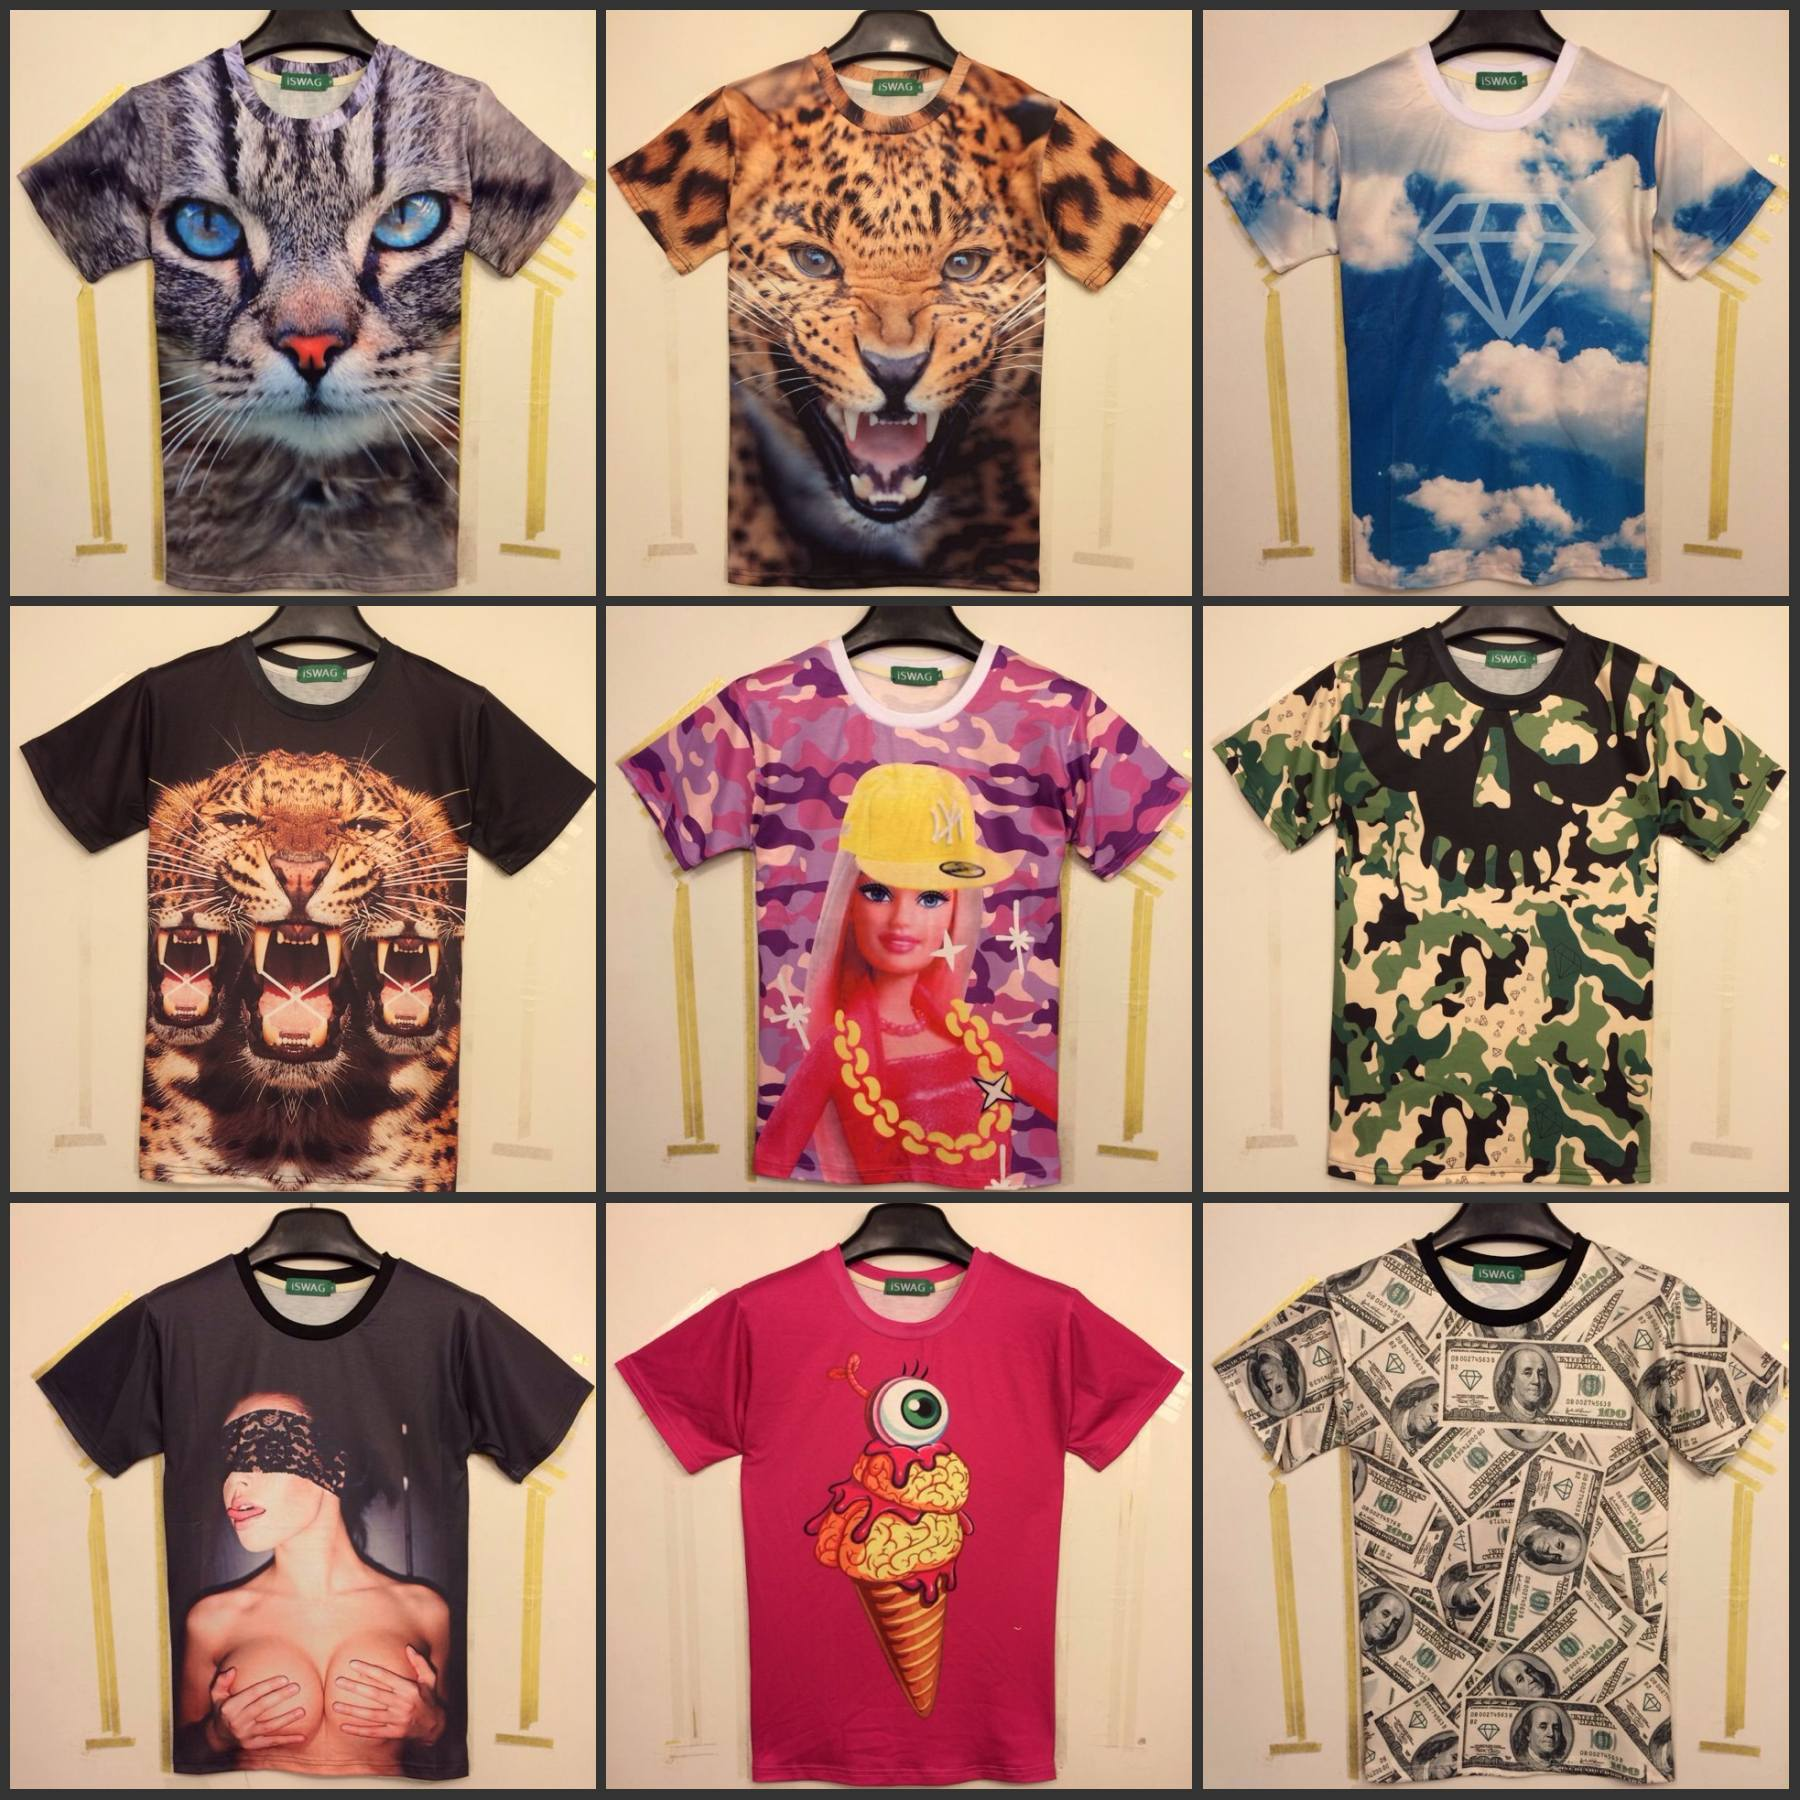 2014 Европе Польша улица моды iswag 3D кошка пантера большая волна $ Барби любителей короткий рукав футболки для мужчин и женщин